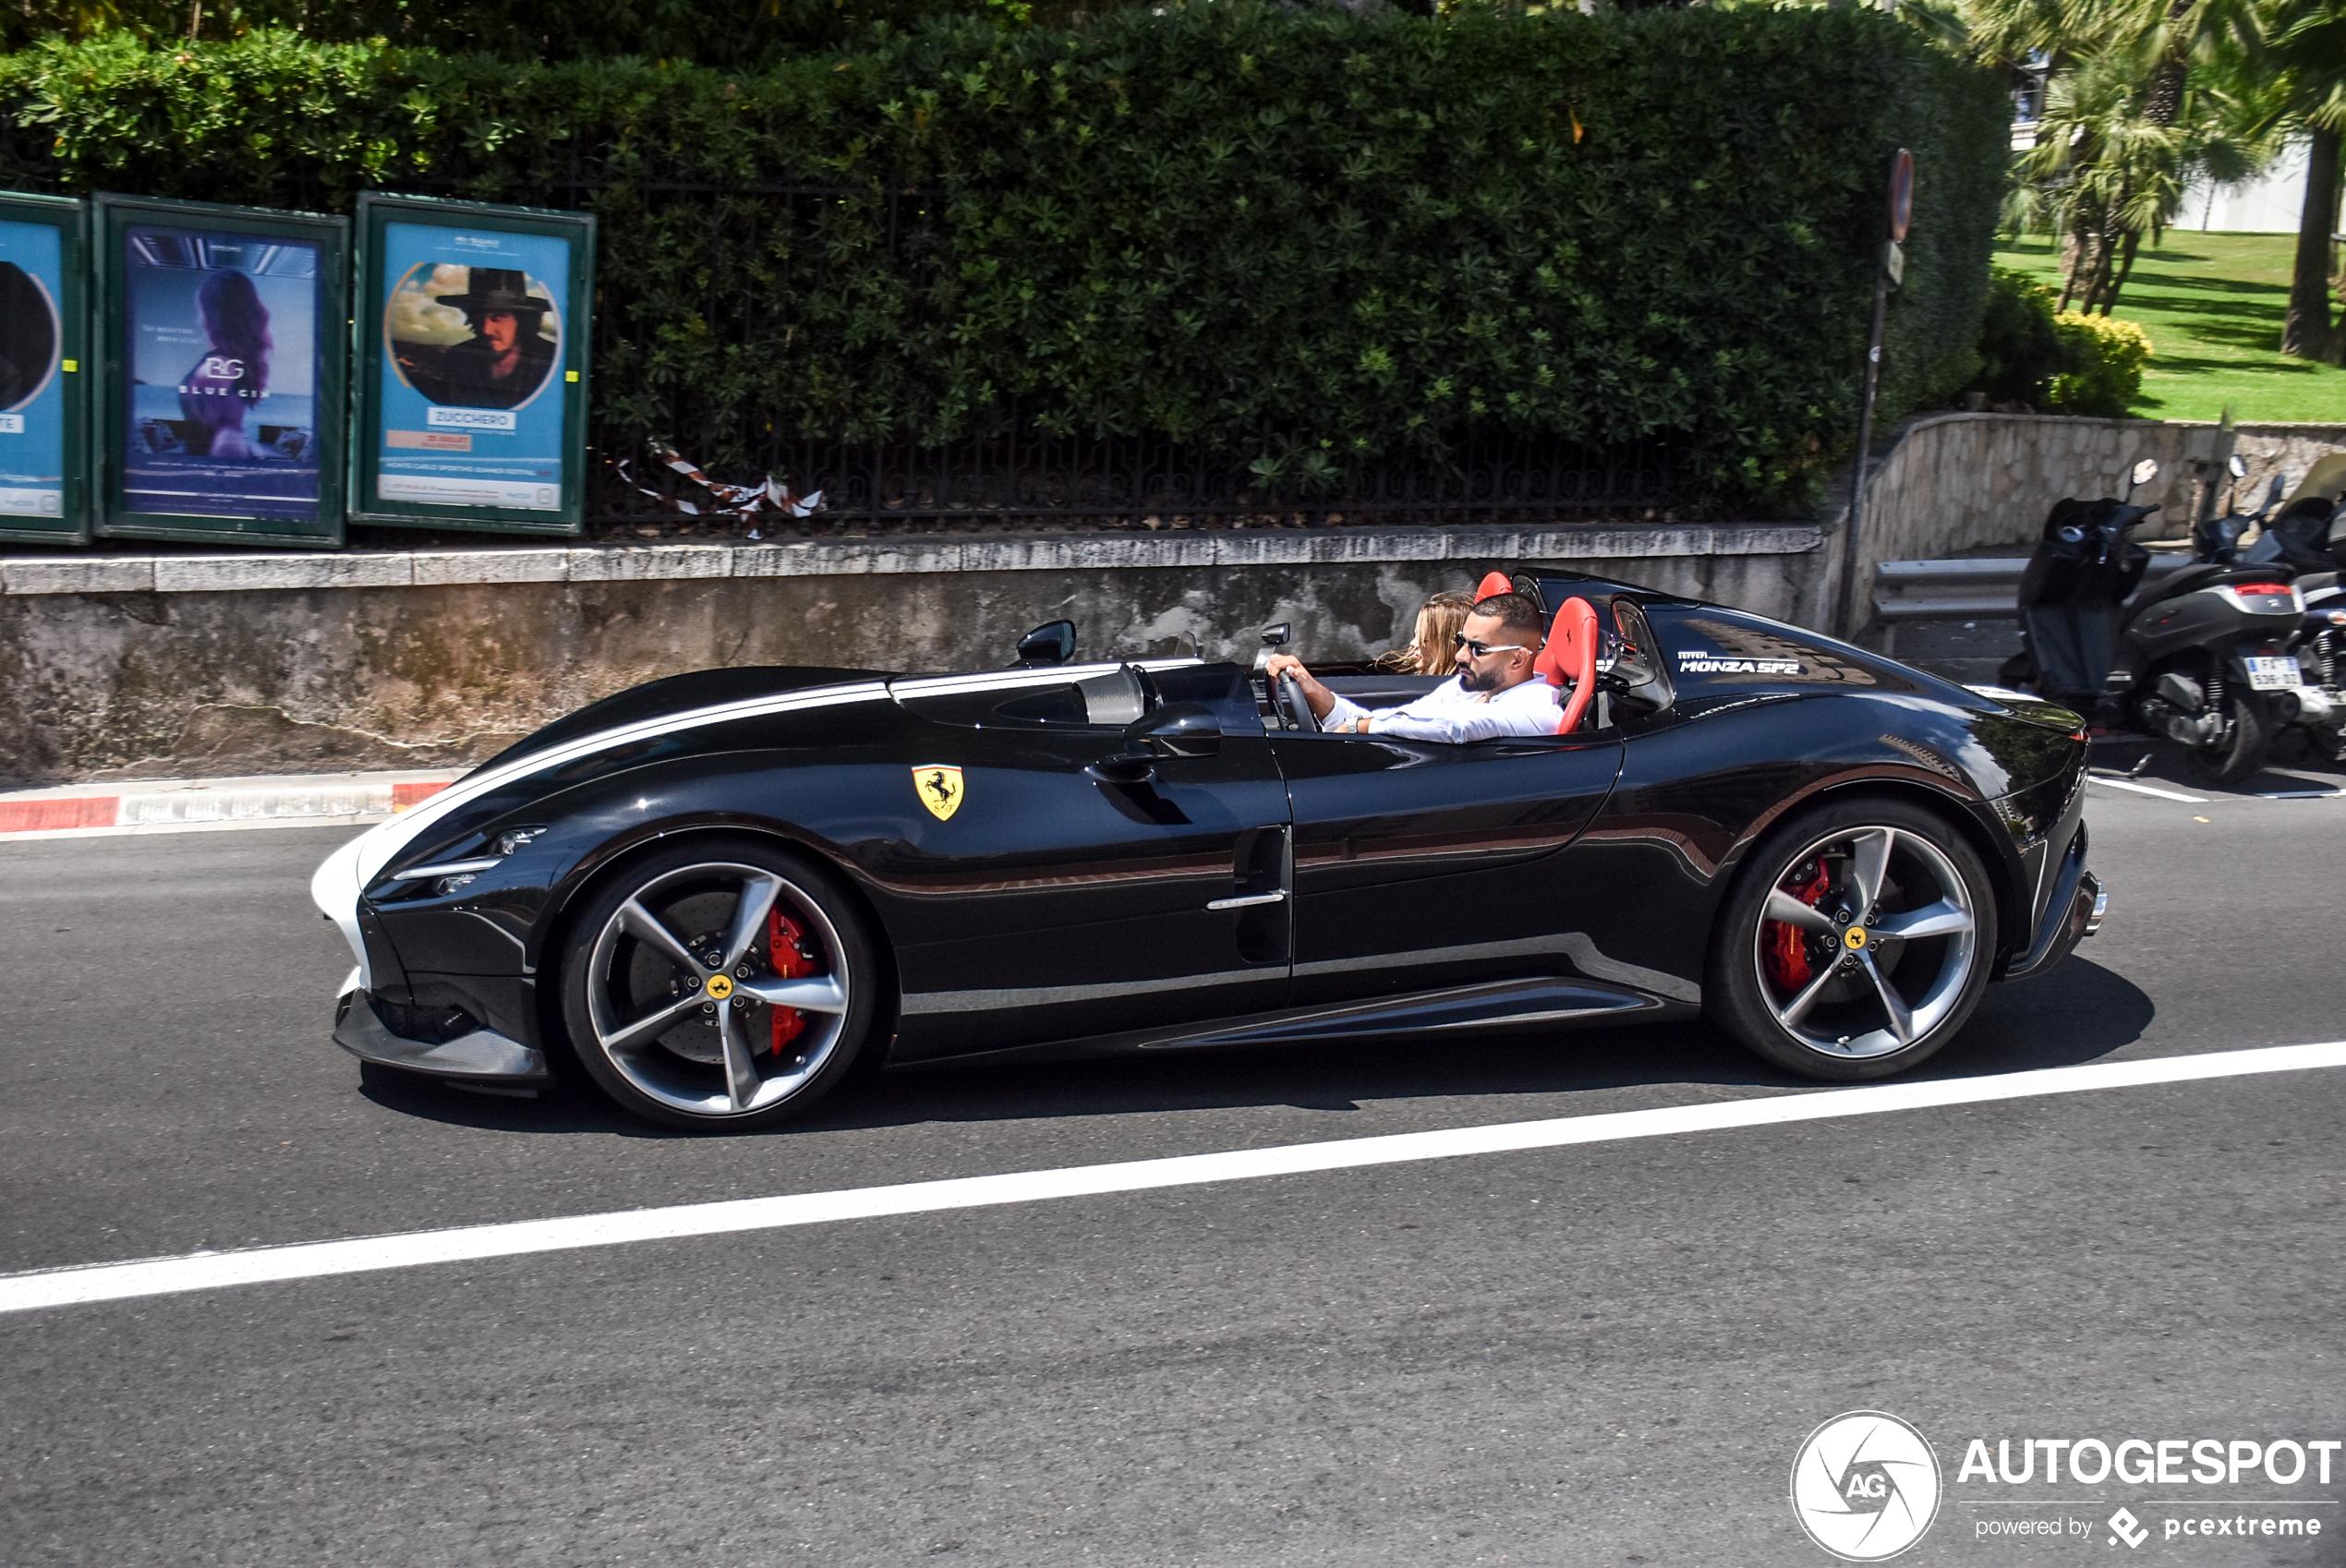 Eerste Arabieren gesignaleerd in Monaco: Ferrari Monza SP2